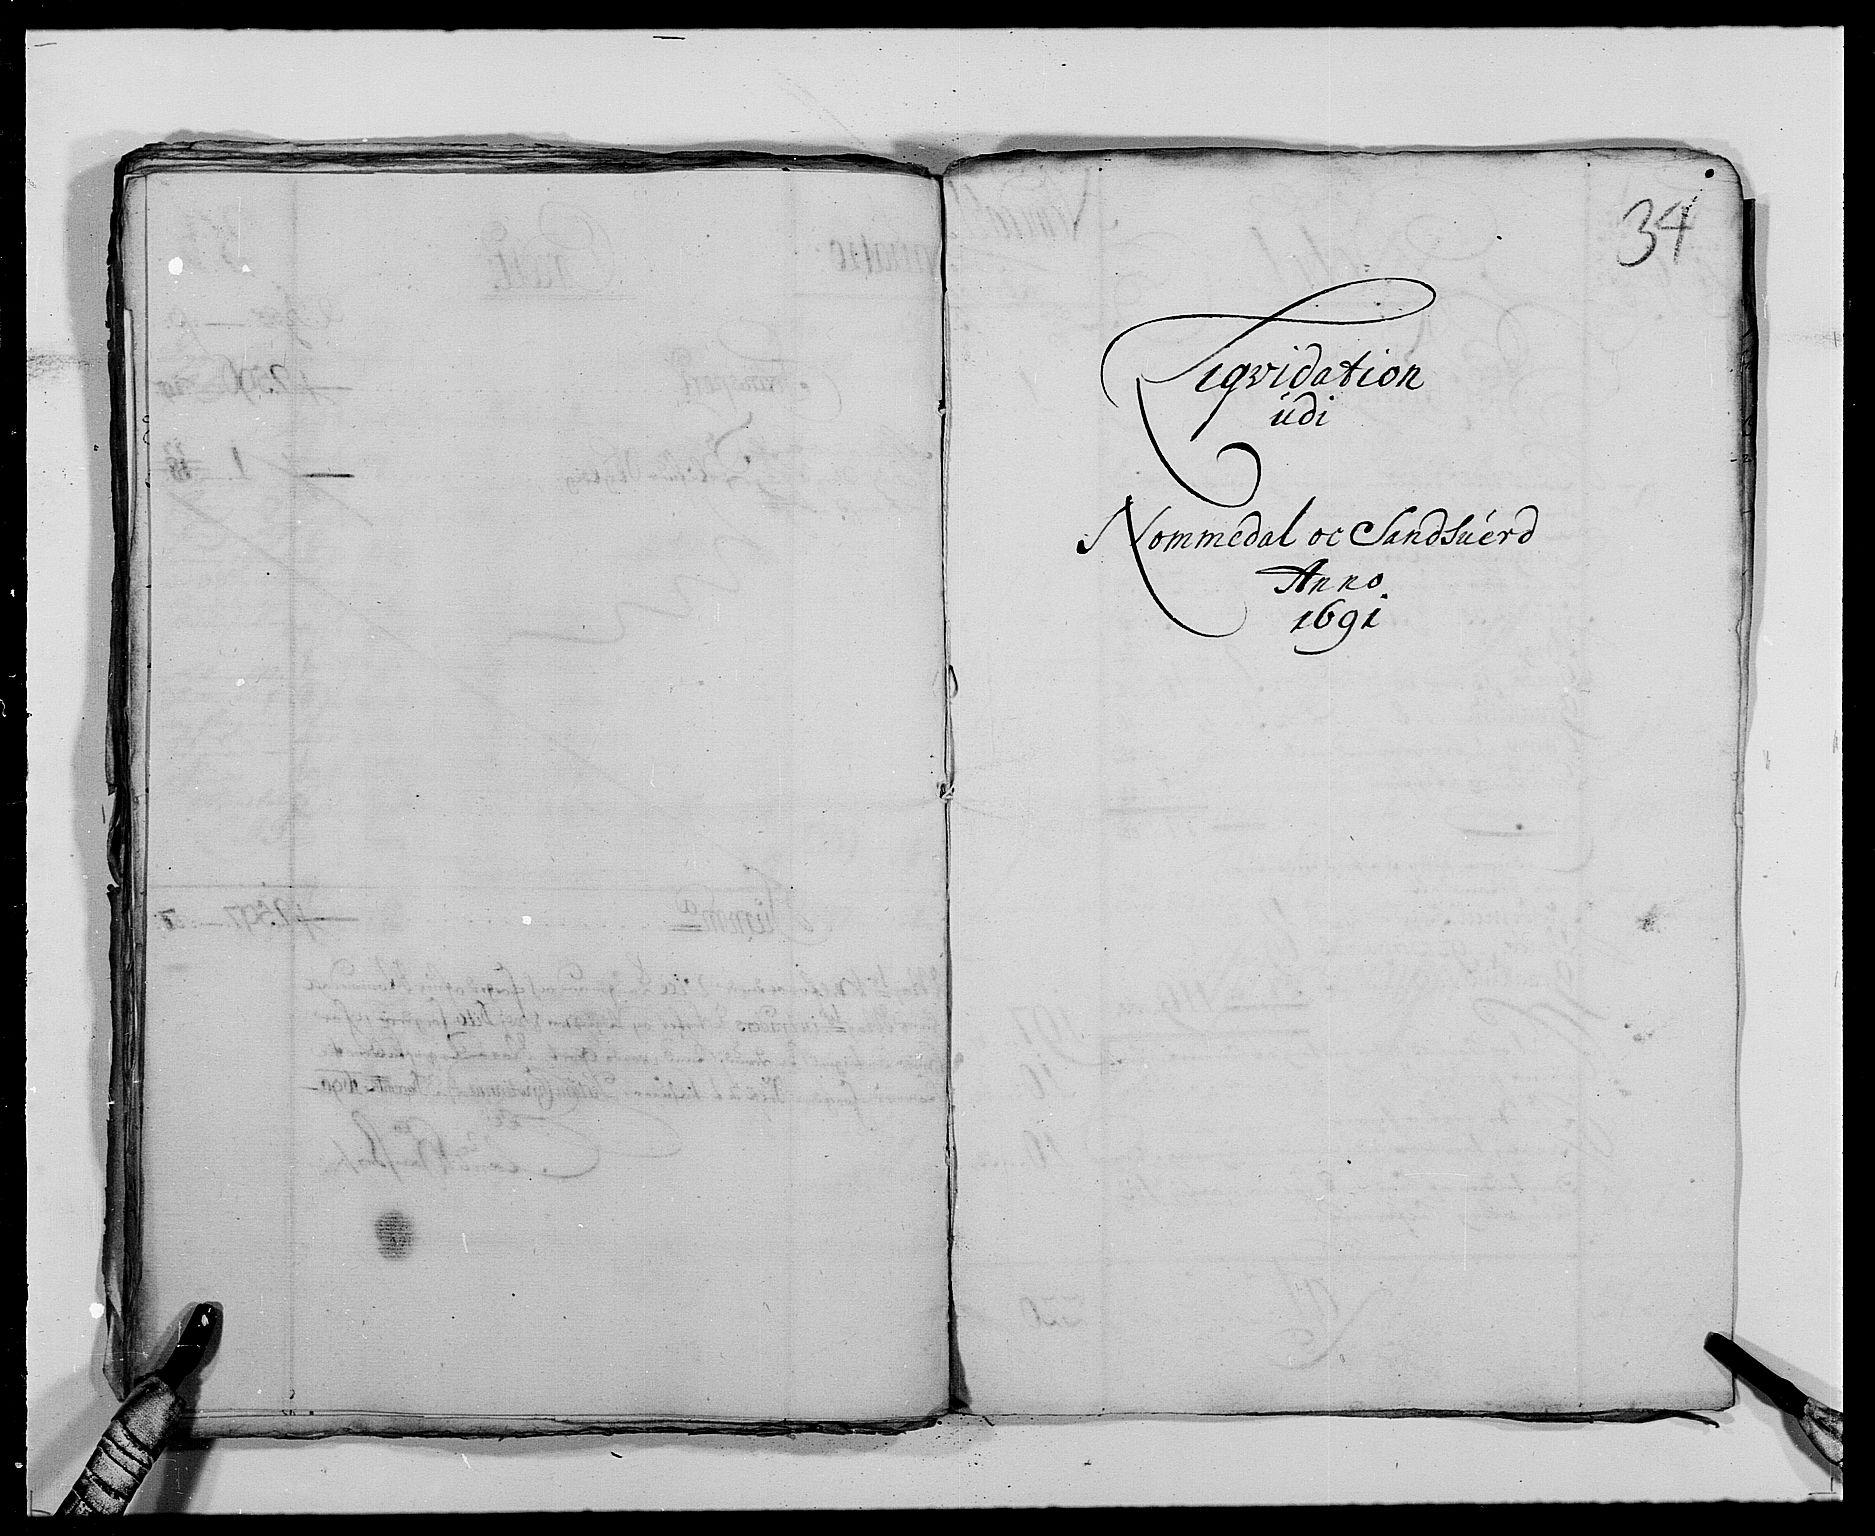 RA, Rentekammeret inntil 1814, Reviderte regnskaper, Fogderegnskap, R24/L1573: Fogderegnskap Numedal og Sandsvær, 1687-1691, s. 256